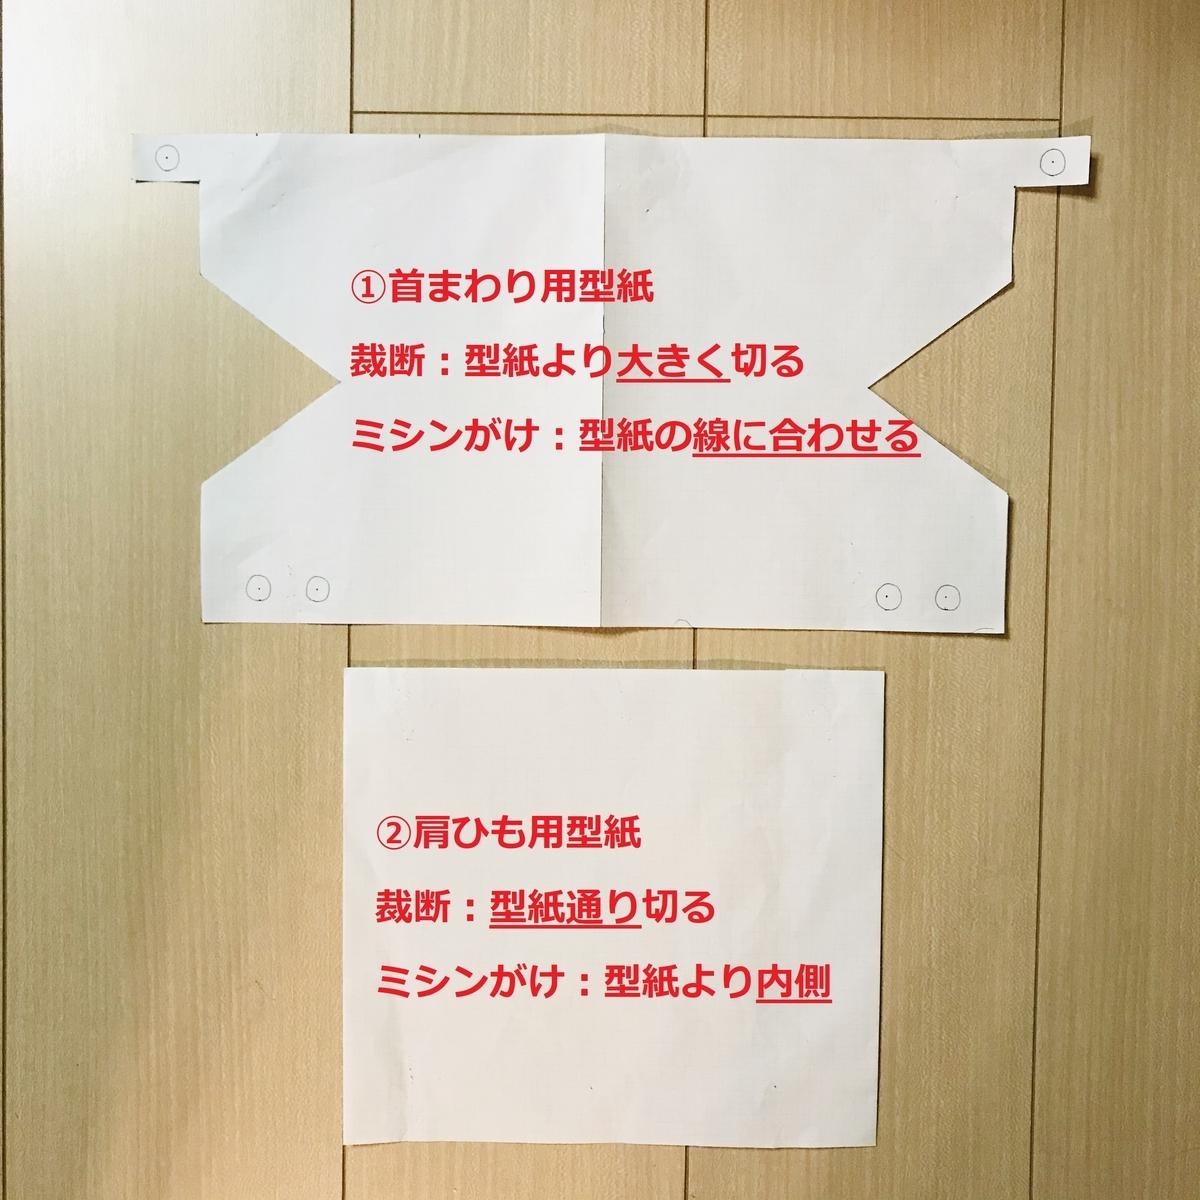 f:id:yurutto15:20210907171522j:plain